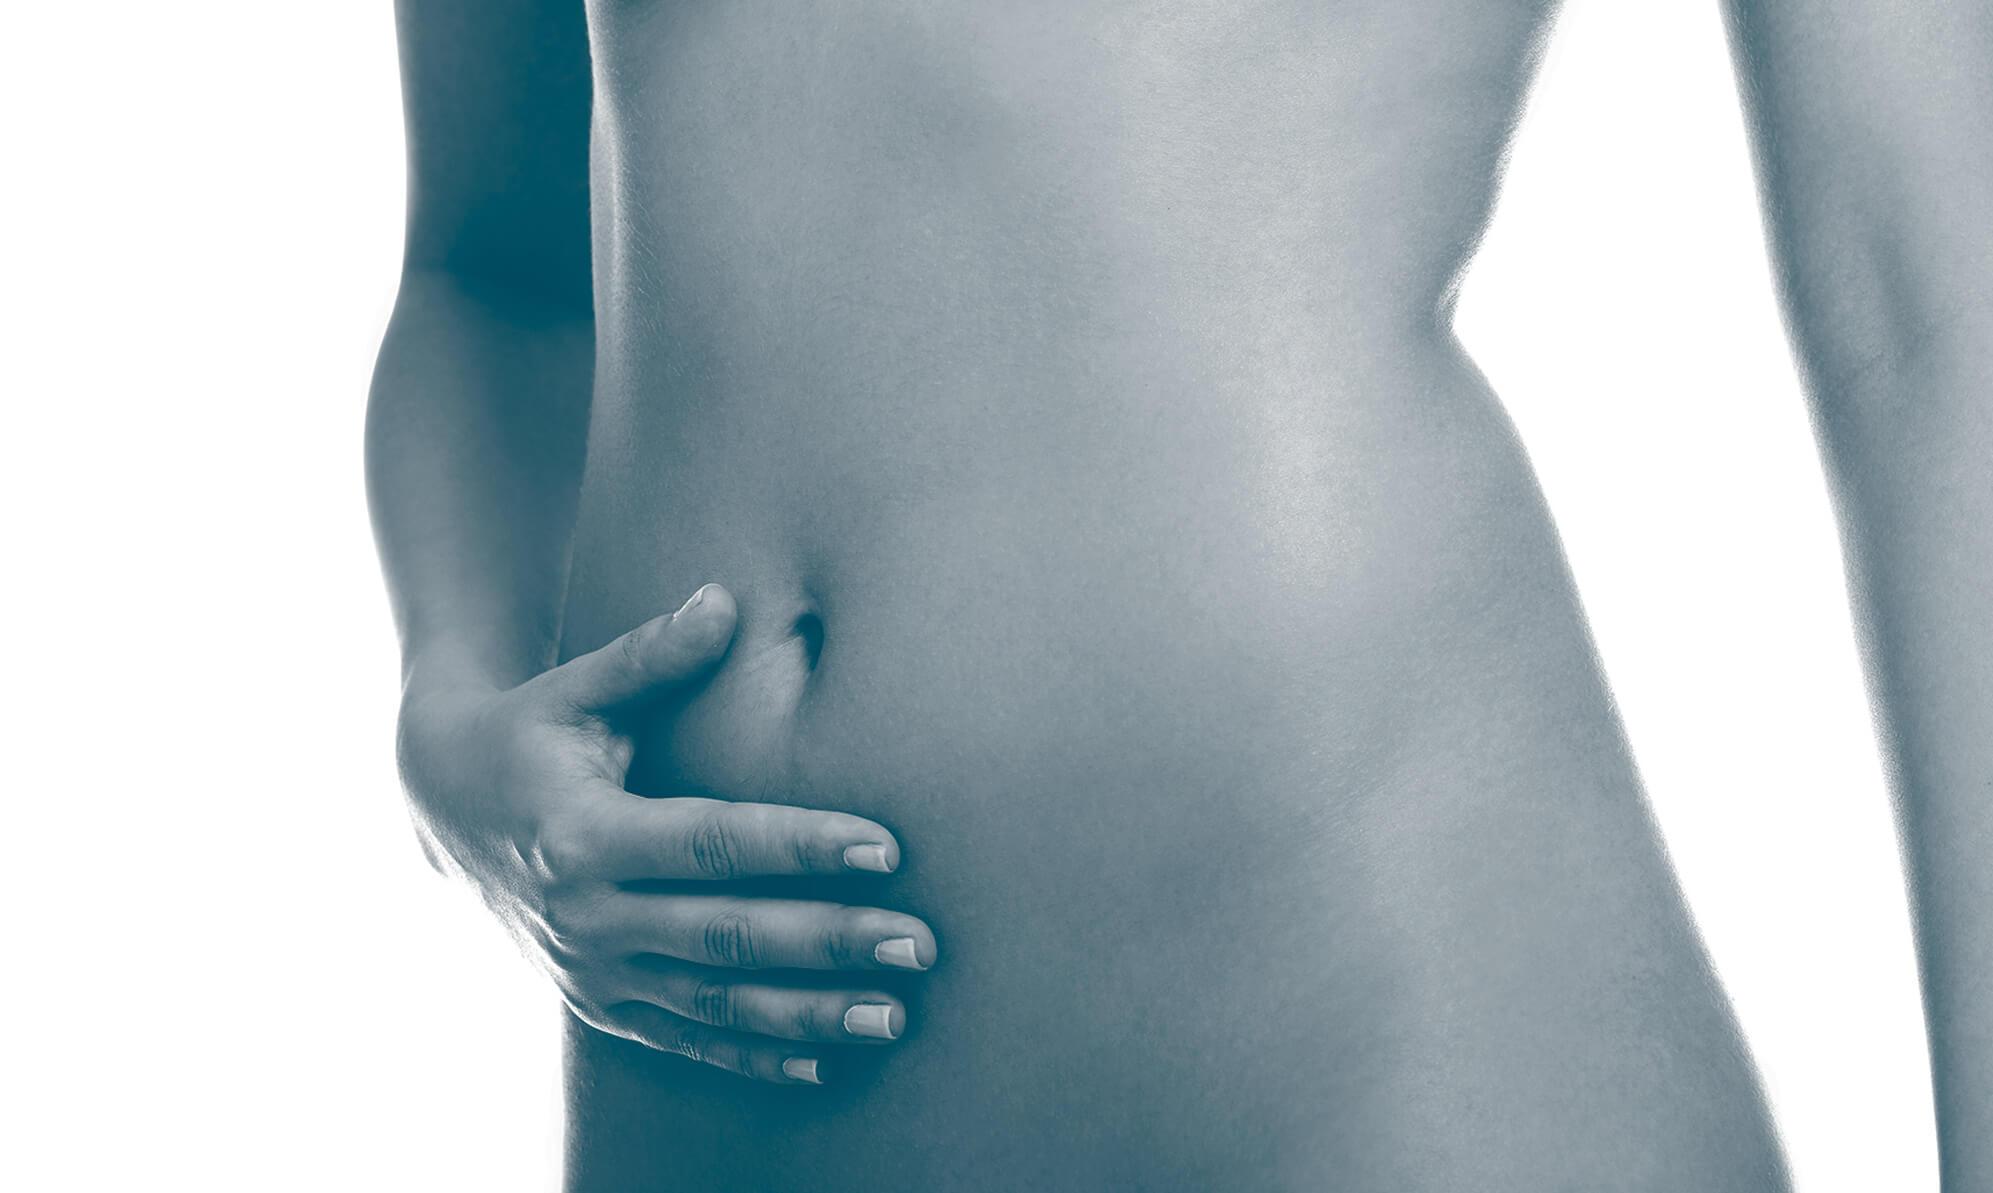 Cimov - Cirugía de la Obesidad - Remodelación Corporal